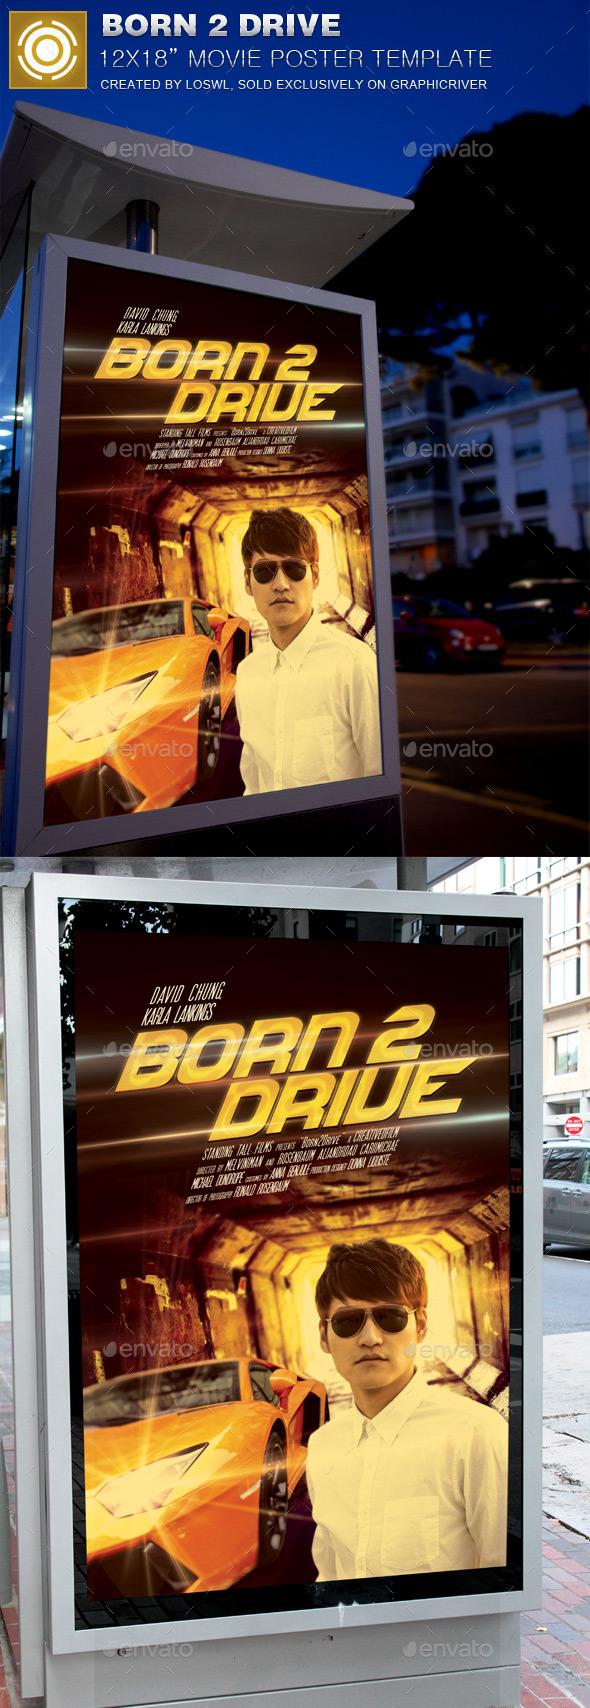 GraphicRiver Born 2 Drive Movie Poster Template 11913102